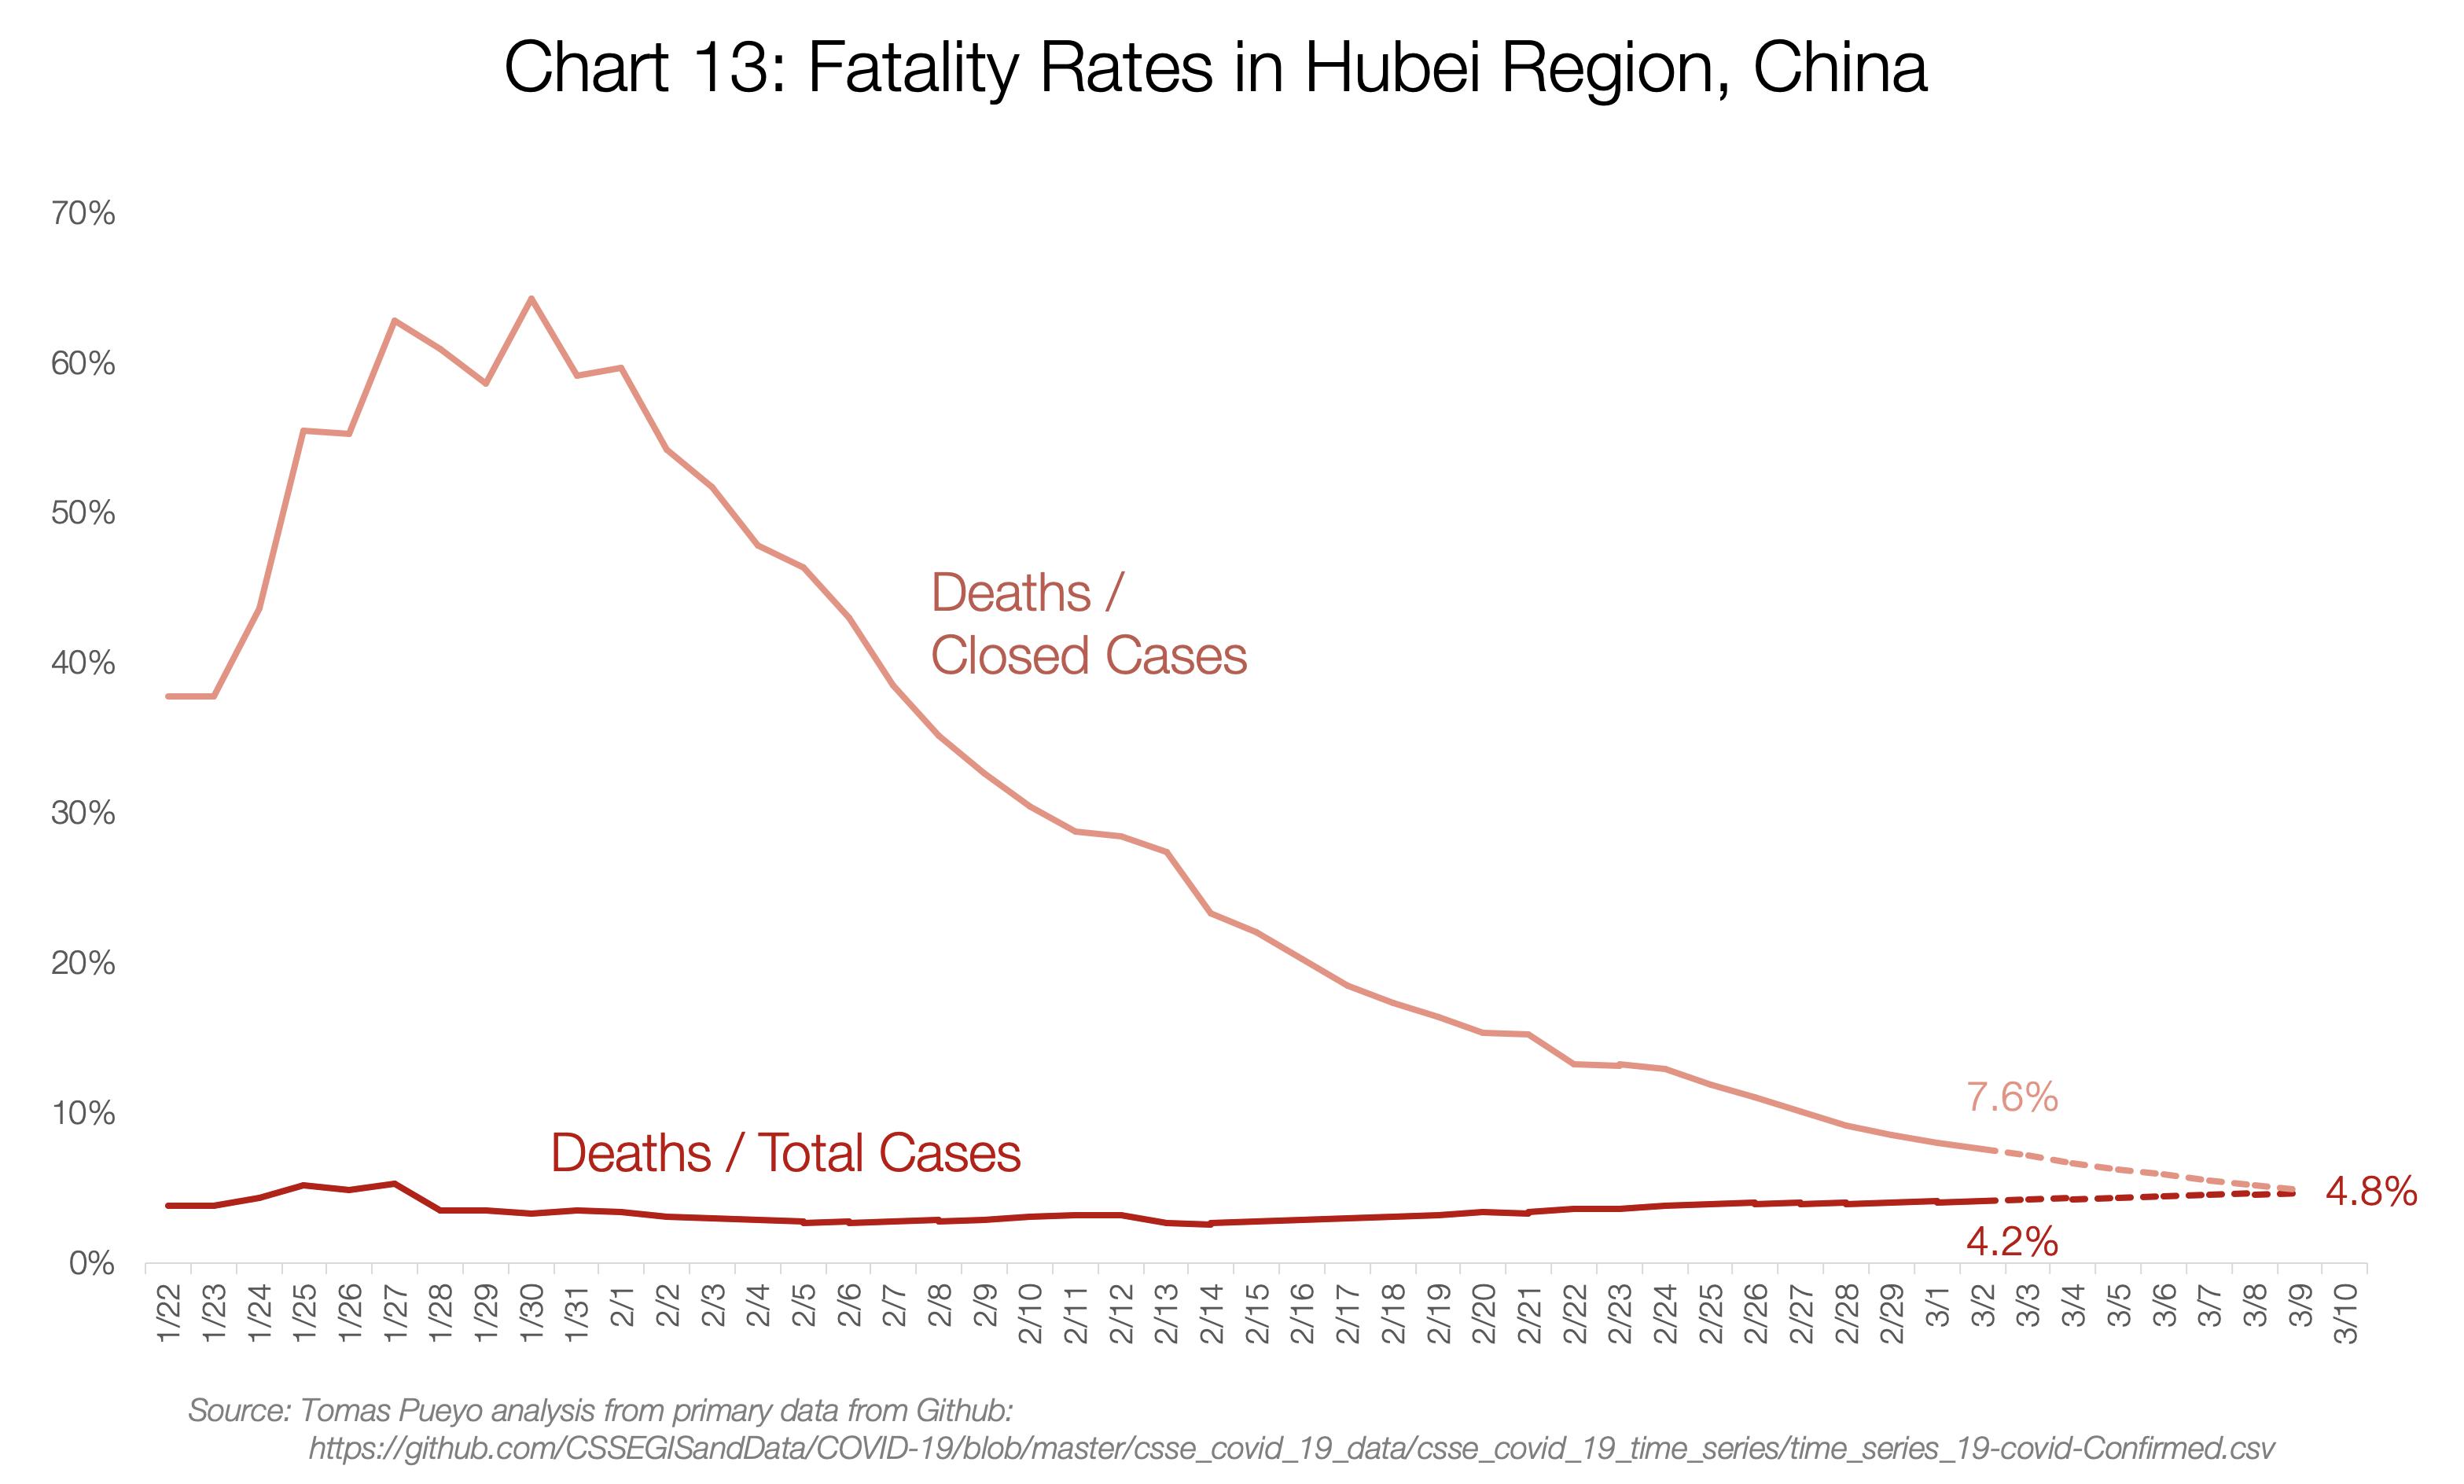 نرخ مرگ و میر در منطقه هوبی چین: خط نارنجی تعداد مرگها تقسیم بر پروندههای بسته شده و خط قرمز تعداد مرگها تقسیم بر تعداد پروندهها است.